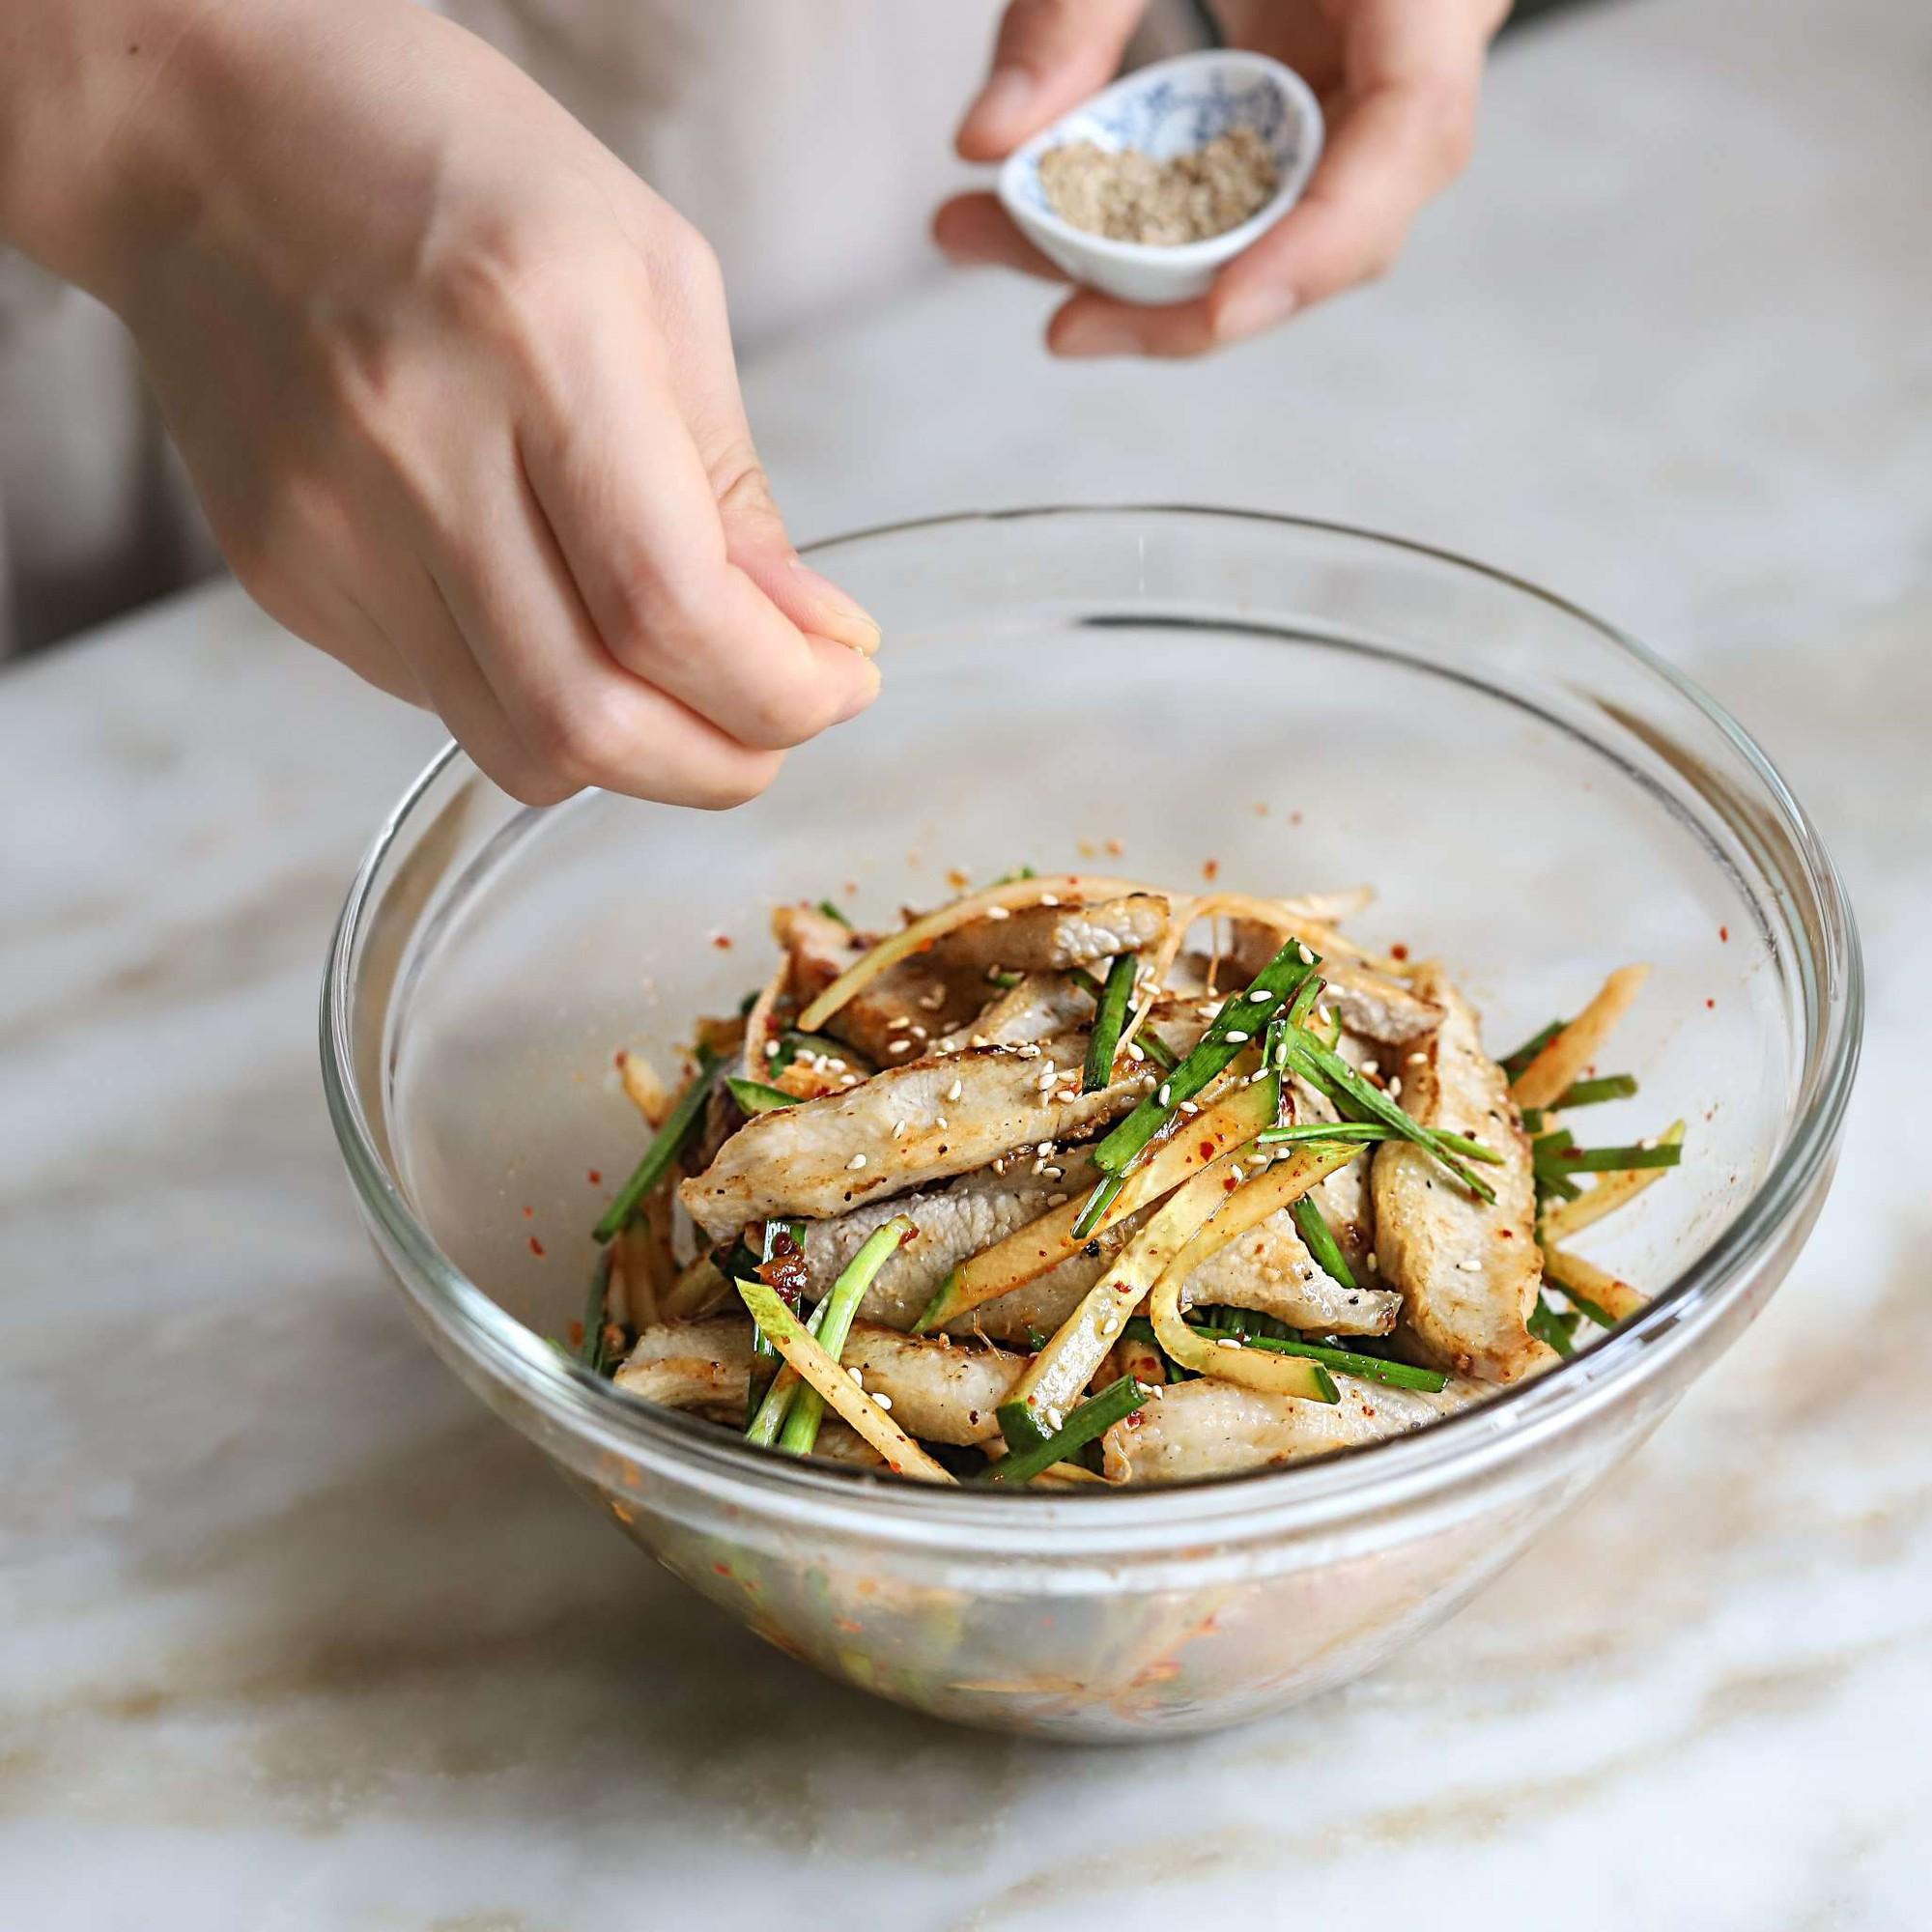 Học người Hàn làm món thịt trộn siêu tốc cho bữa tối ngon xuất sắc - Ảnh 6.